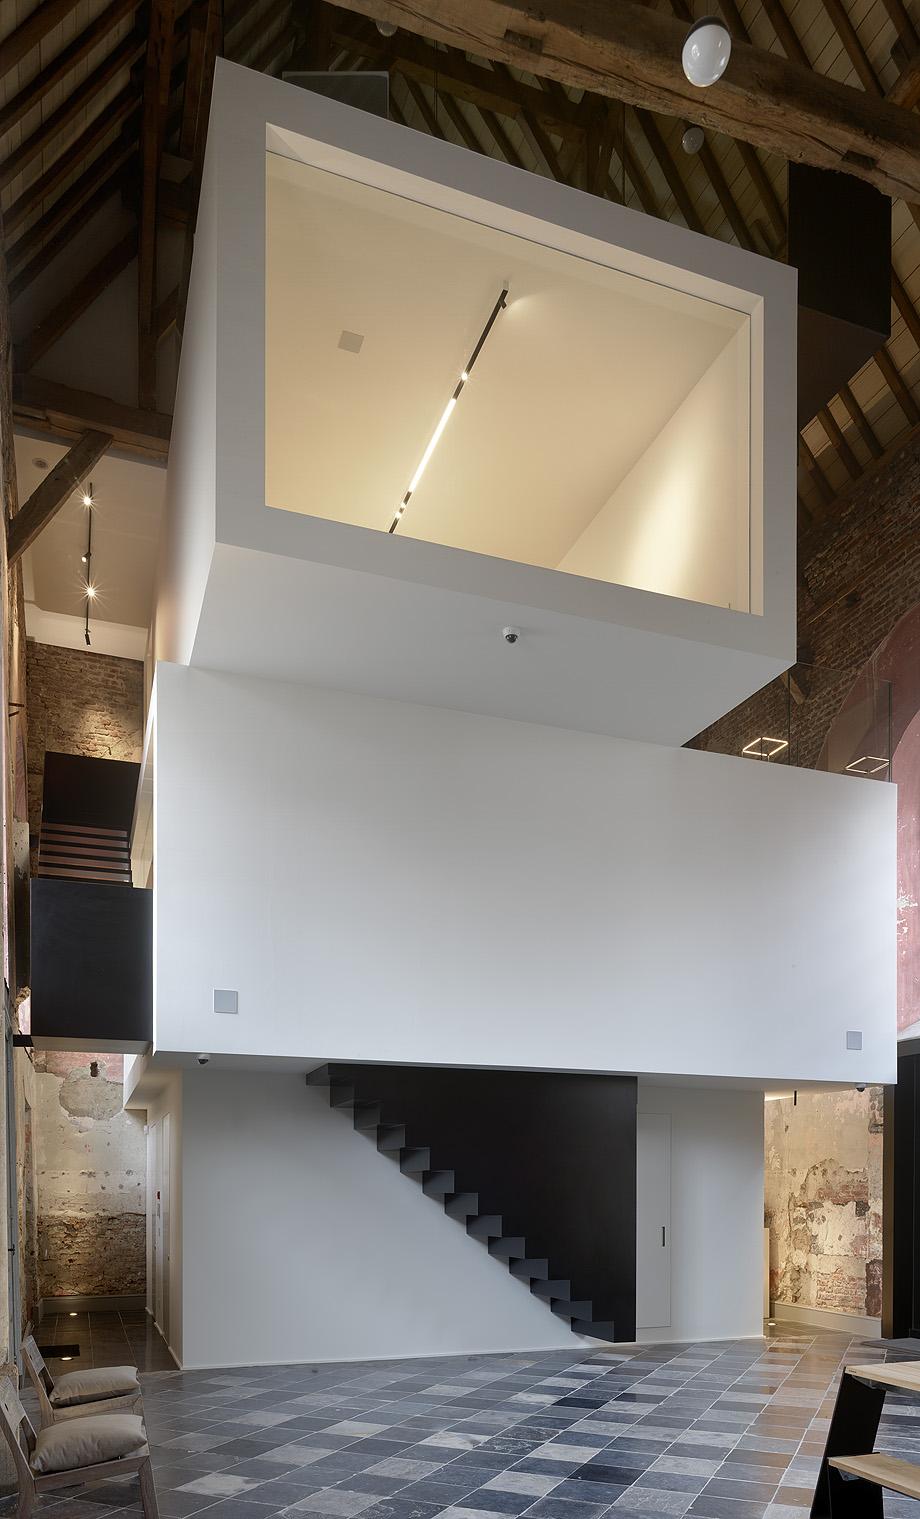 oficina de arquitectura de klaarchitectuur - foto toon grobet (2)